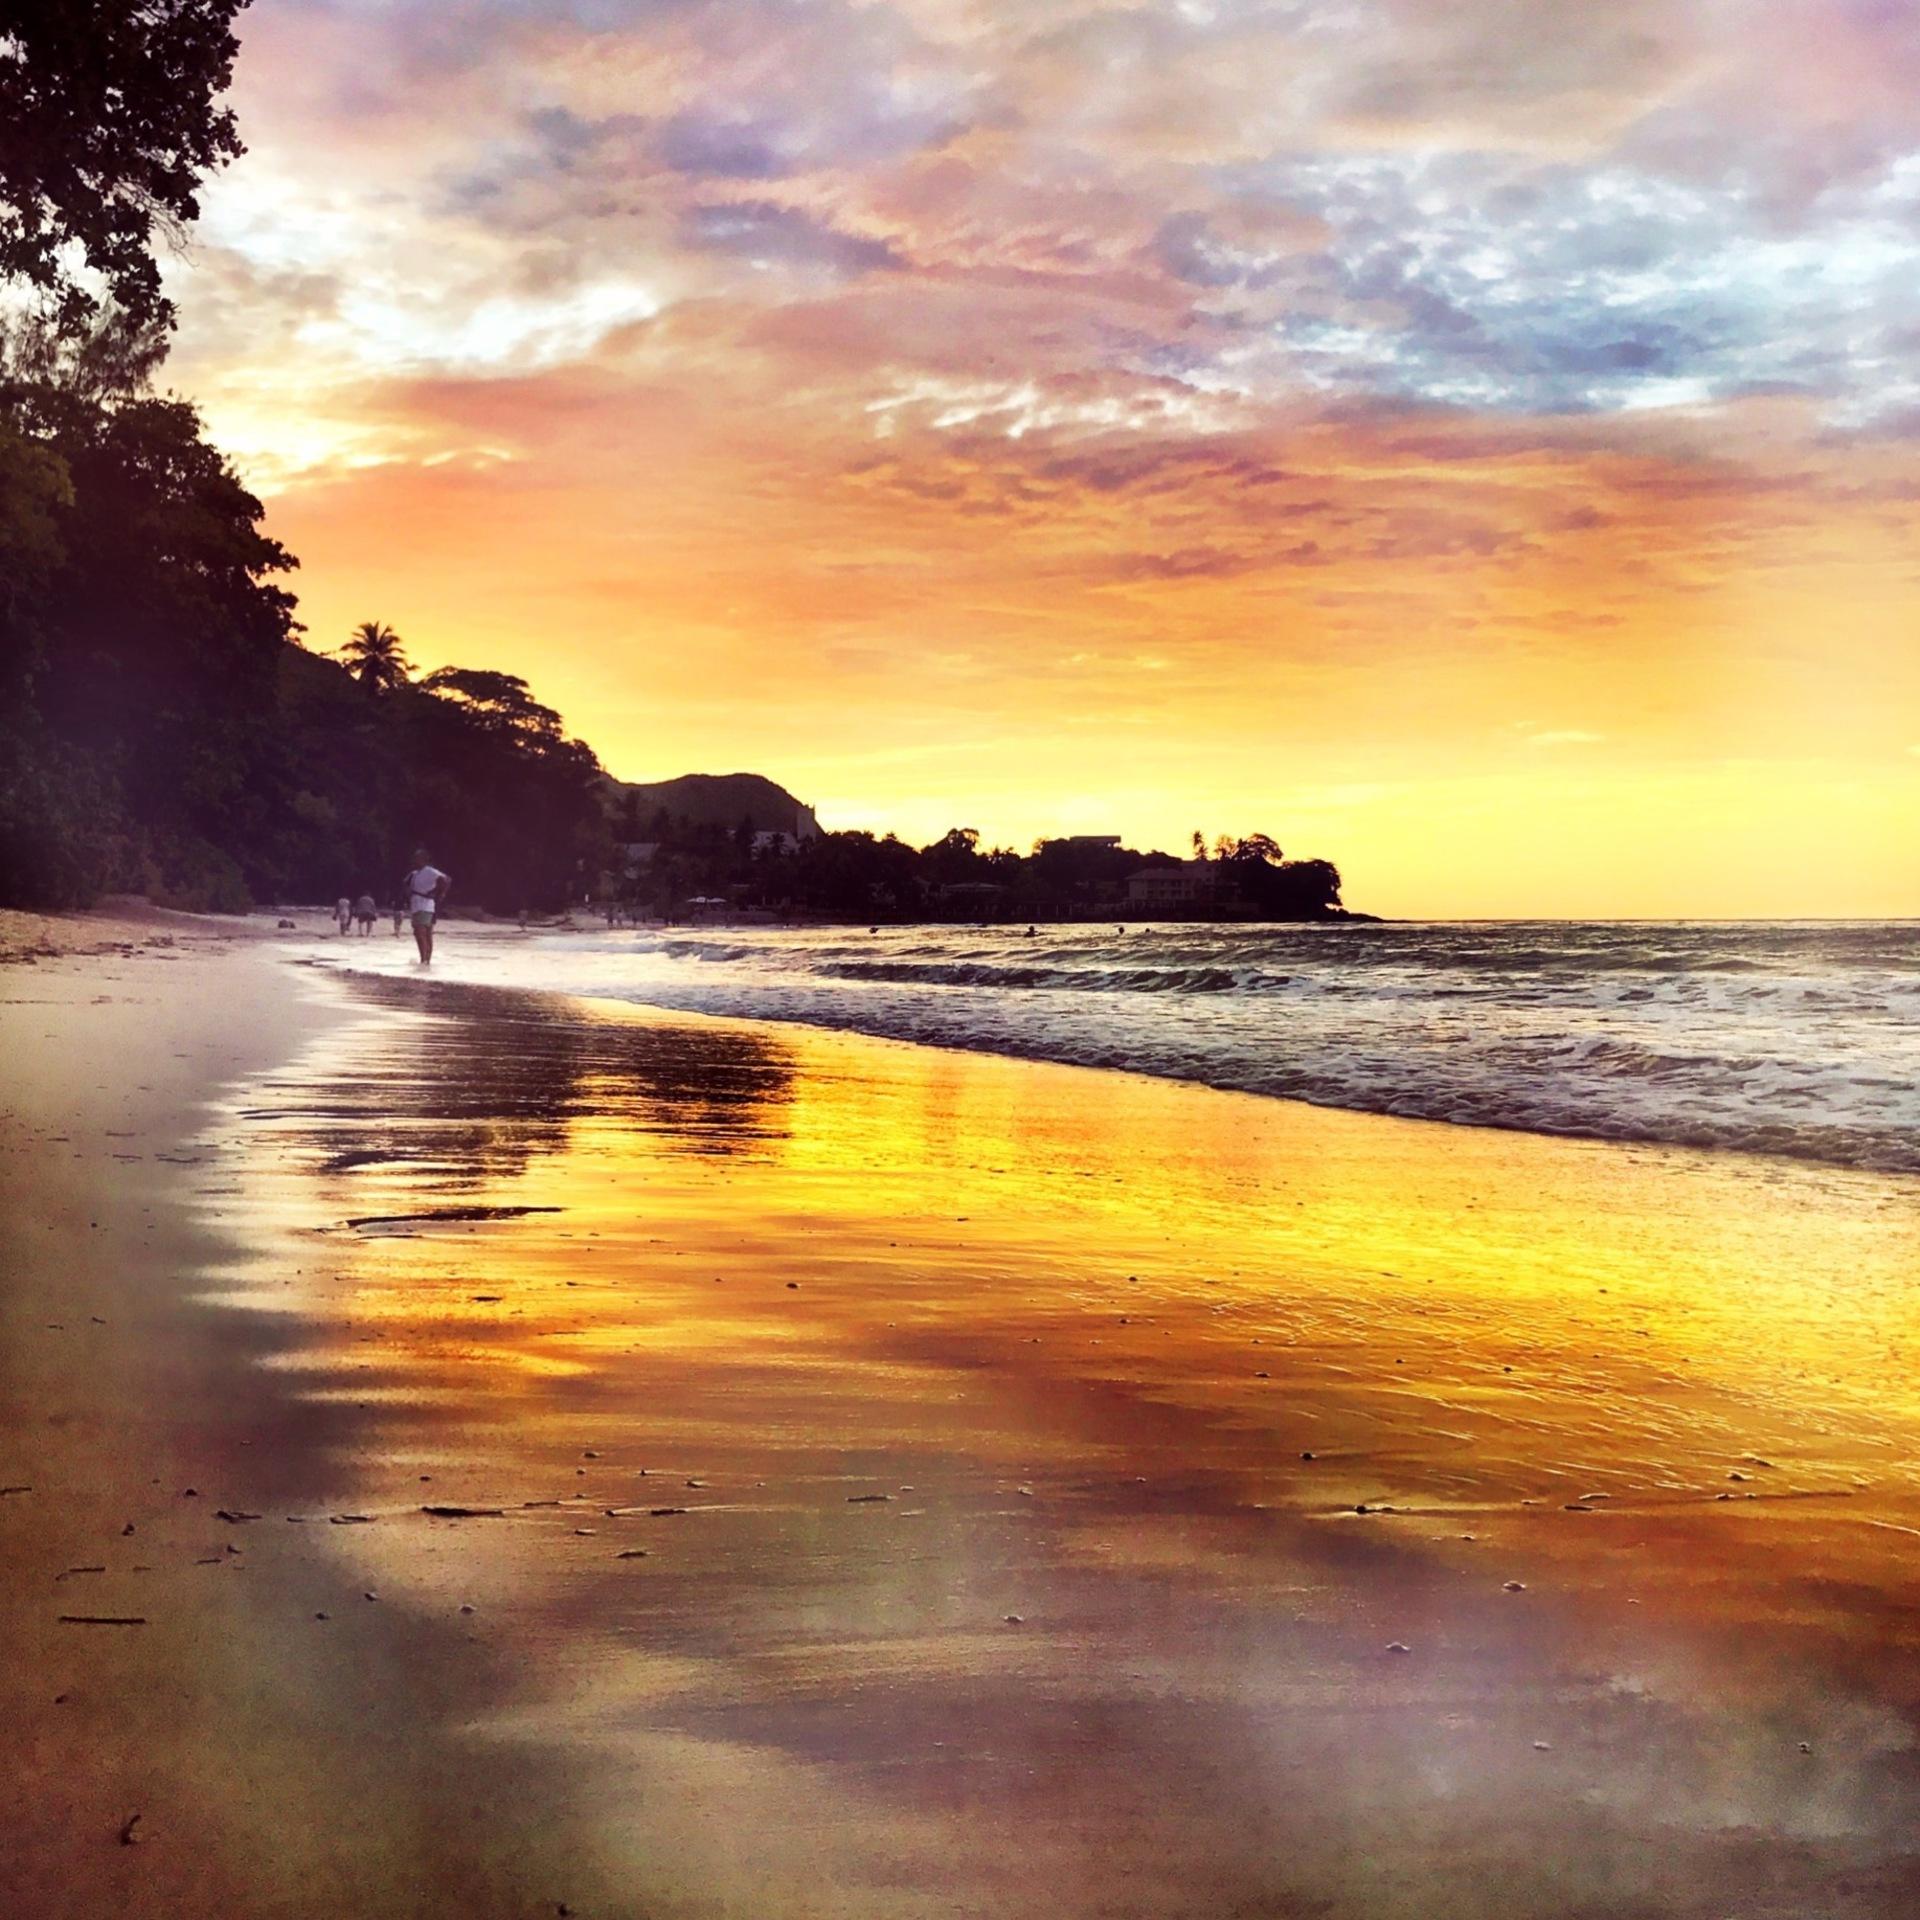 Sunset, Water, Dawn, Beach, Sun